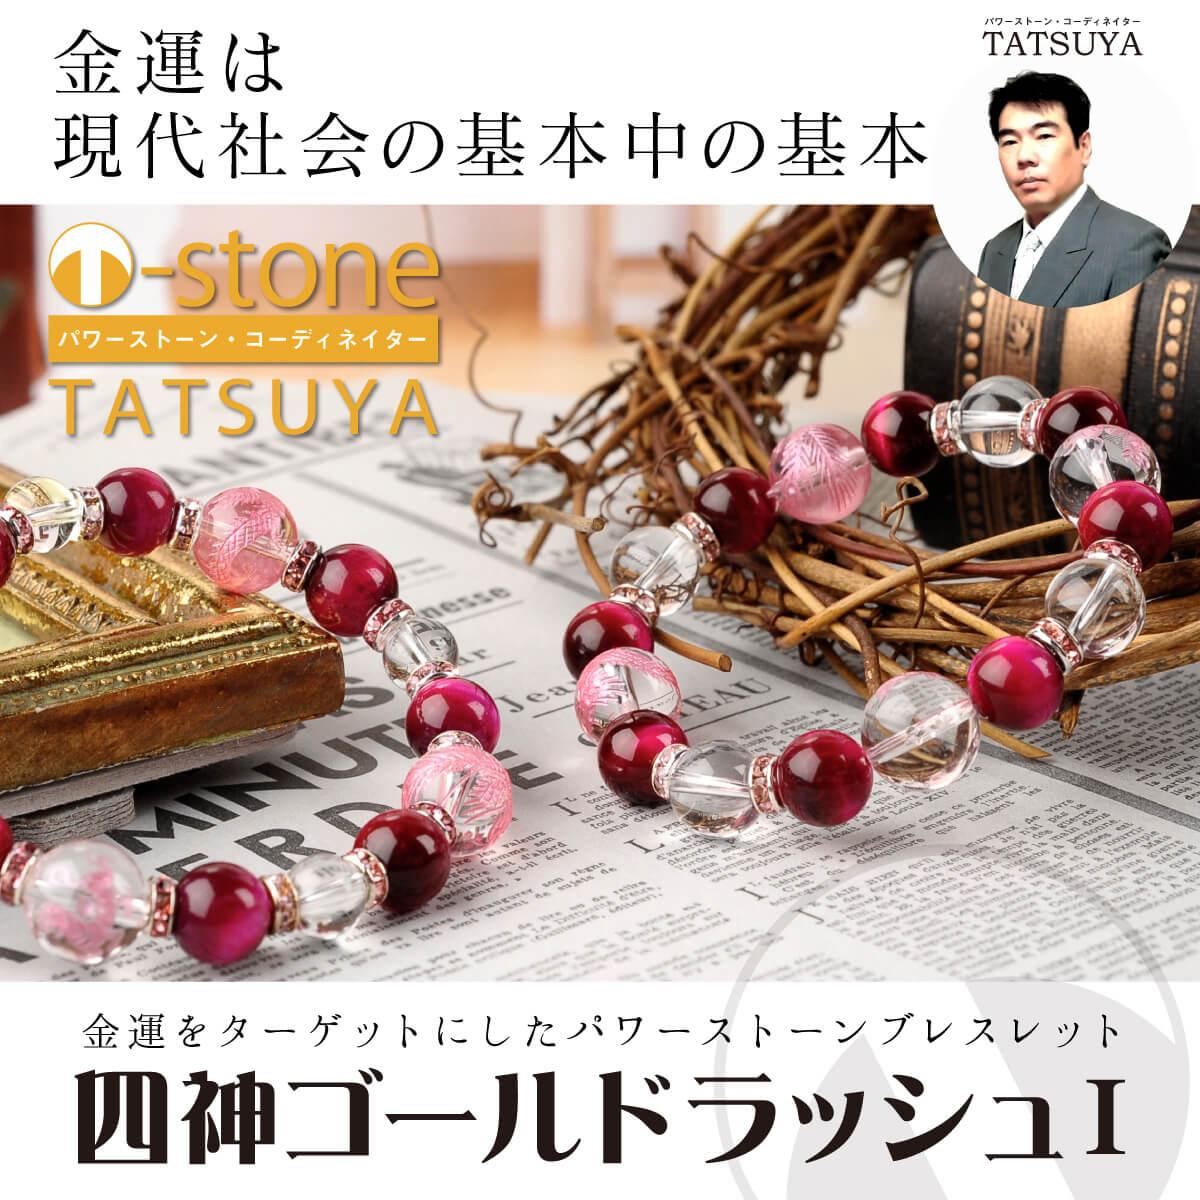 【T-stone】 四神ゴールドラッシュ� ≫オーダーメイドの開運ブレスレット→金運に! 開運グッズ